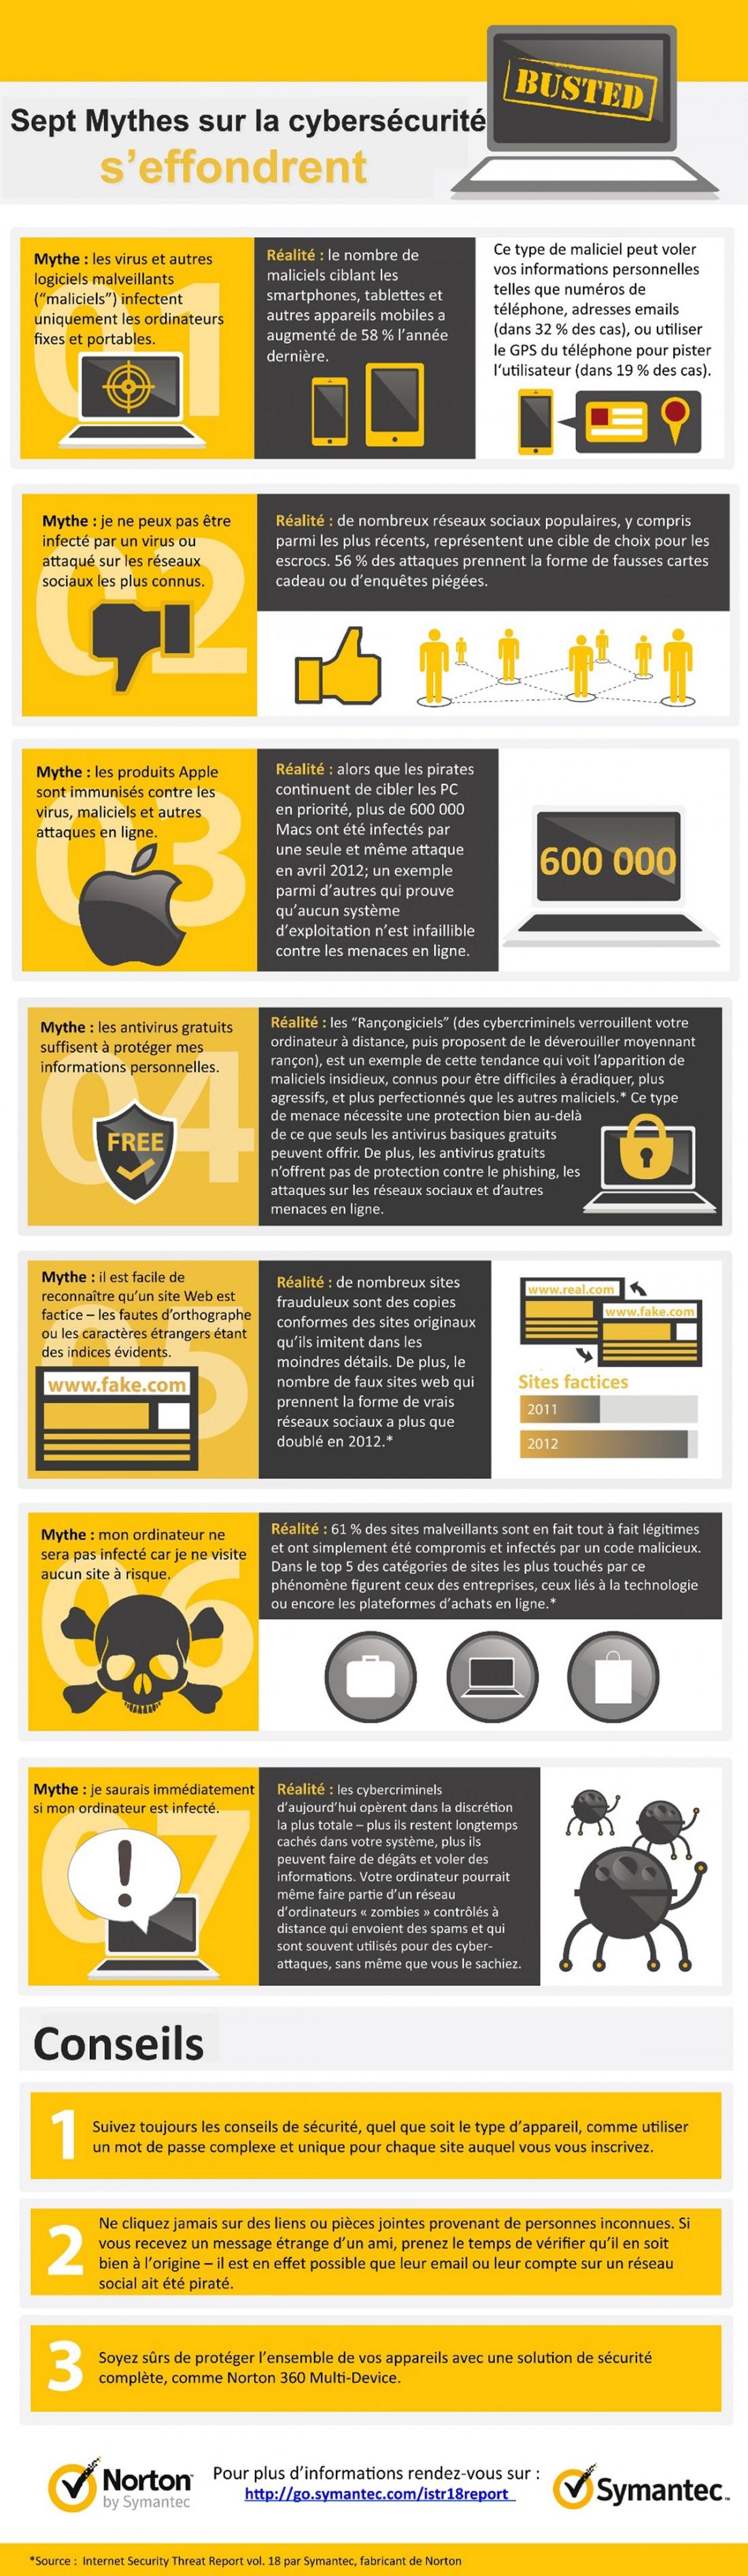 7mythes sur la cybercriminalité - Infographie